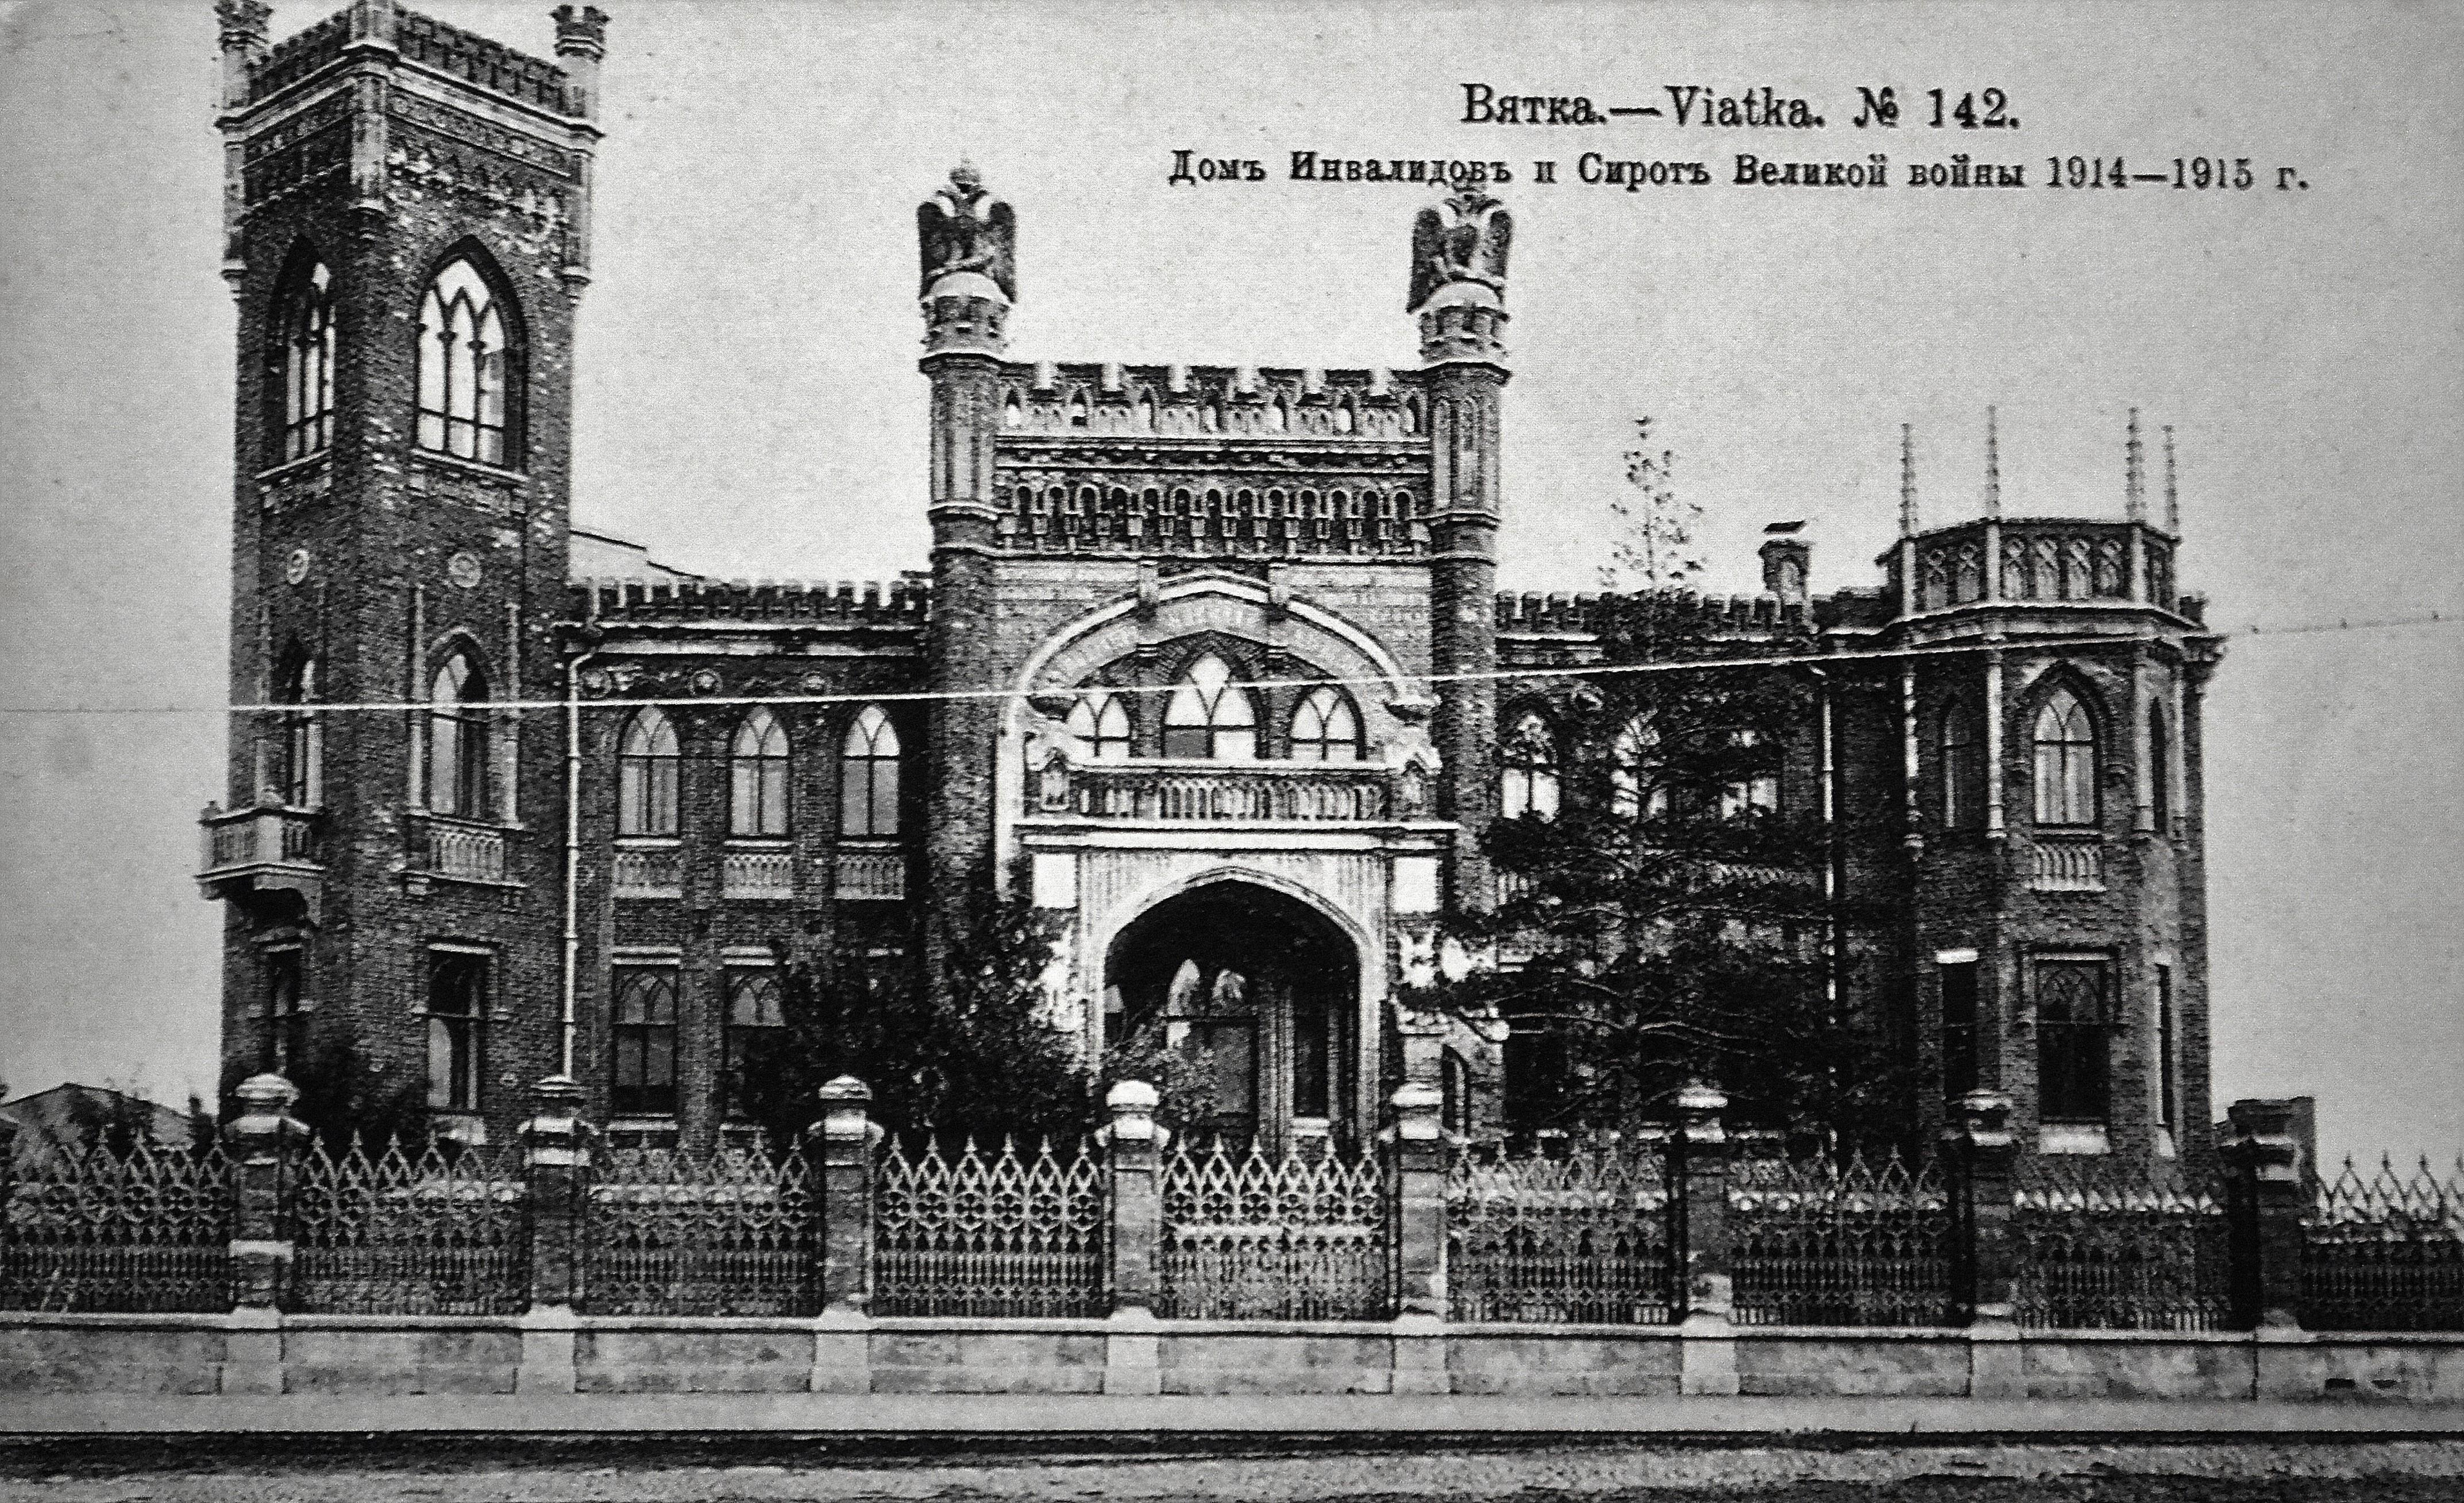 Дом инвалидов и сирот Великой войны 1914-1915